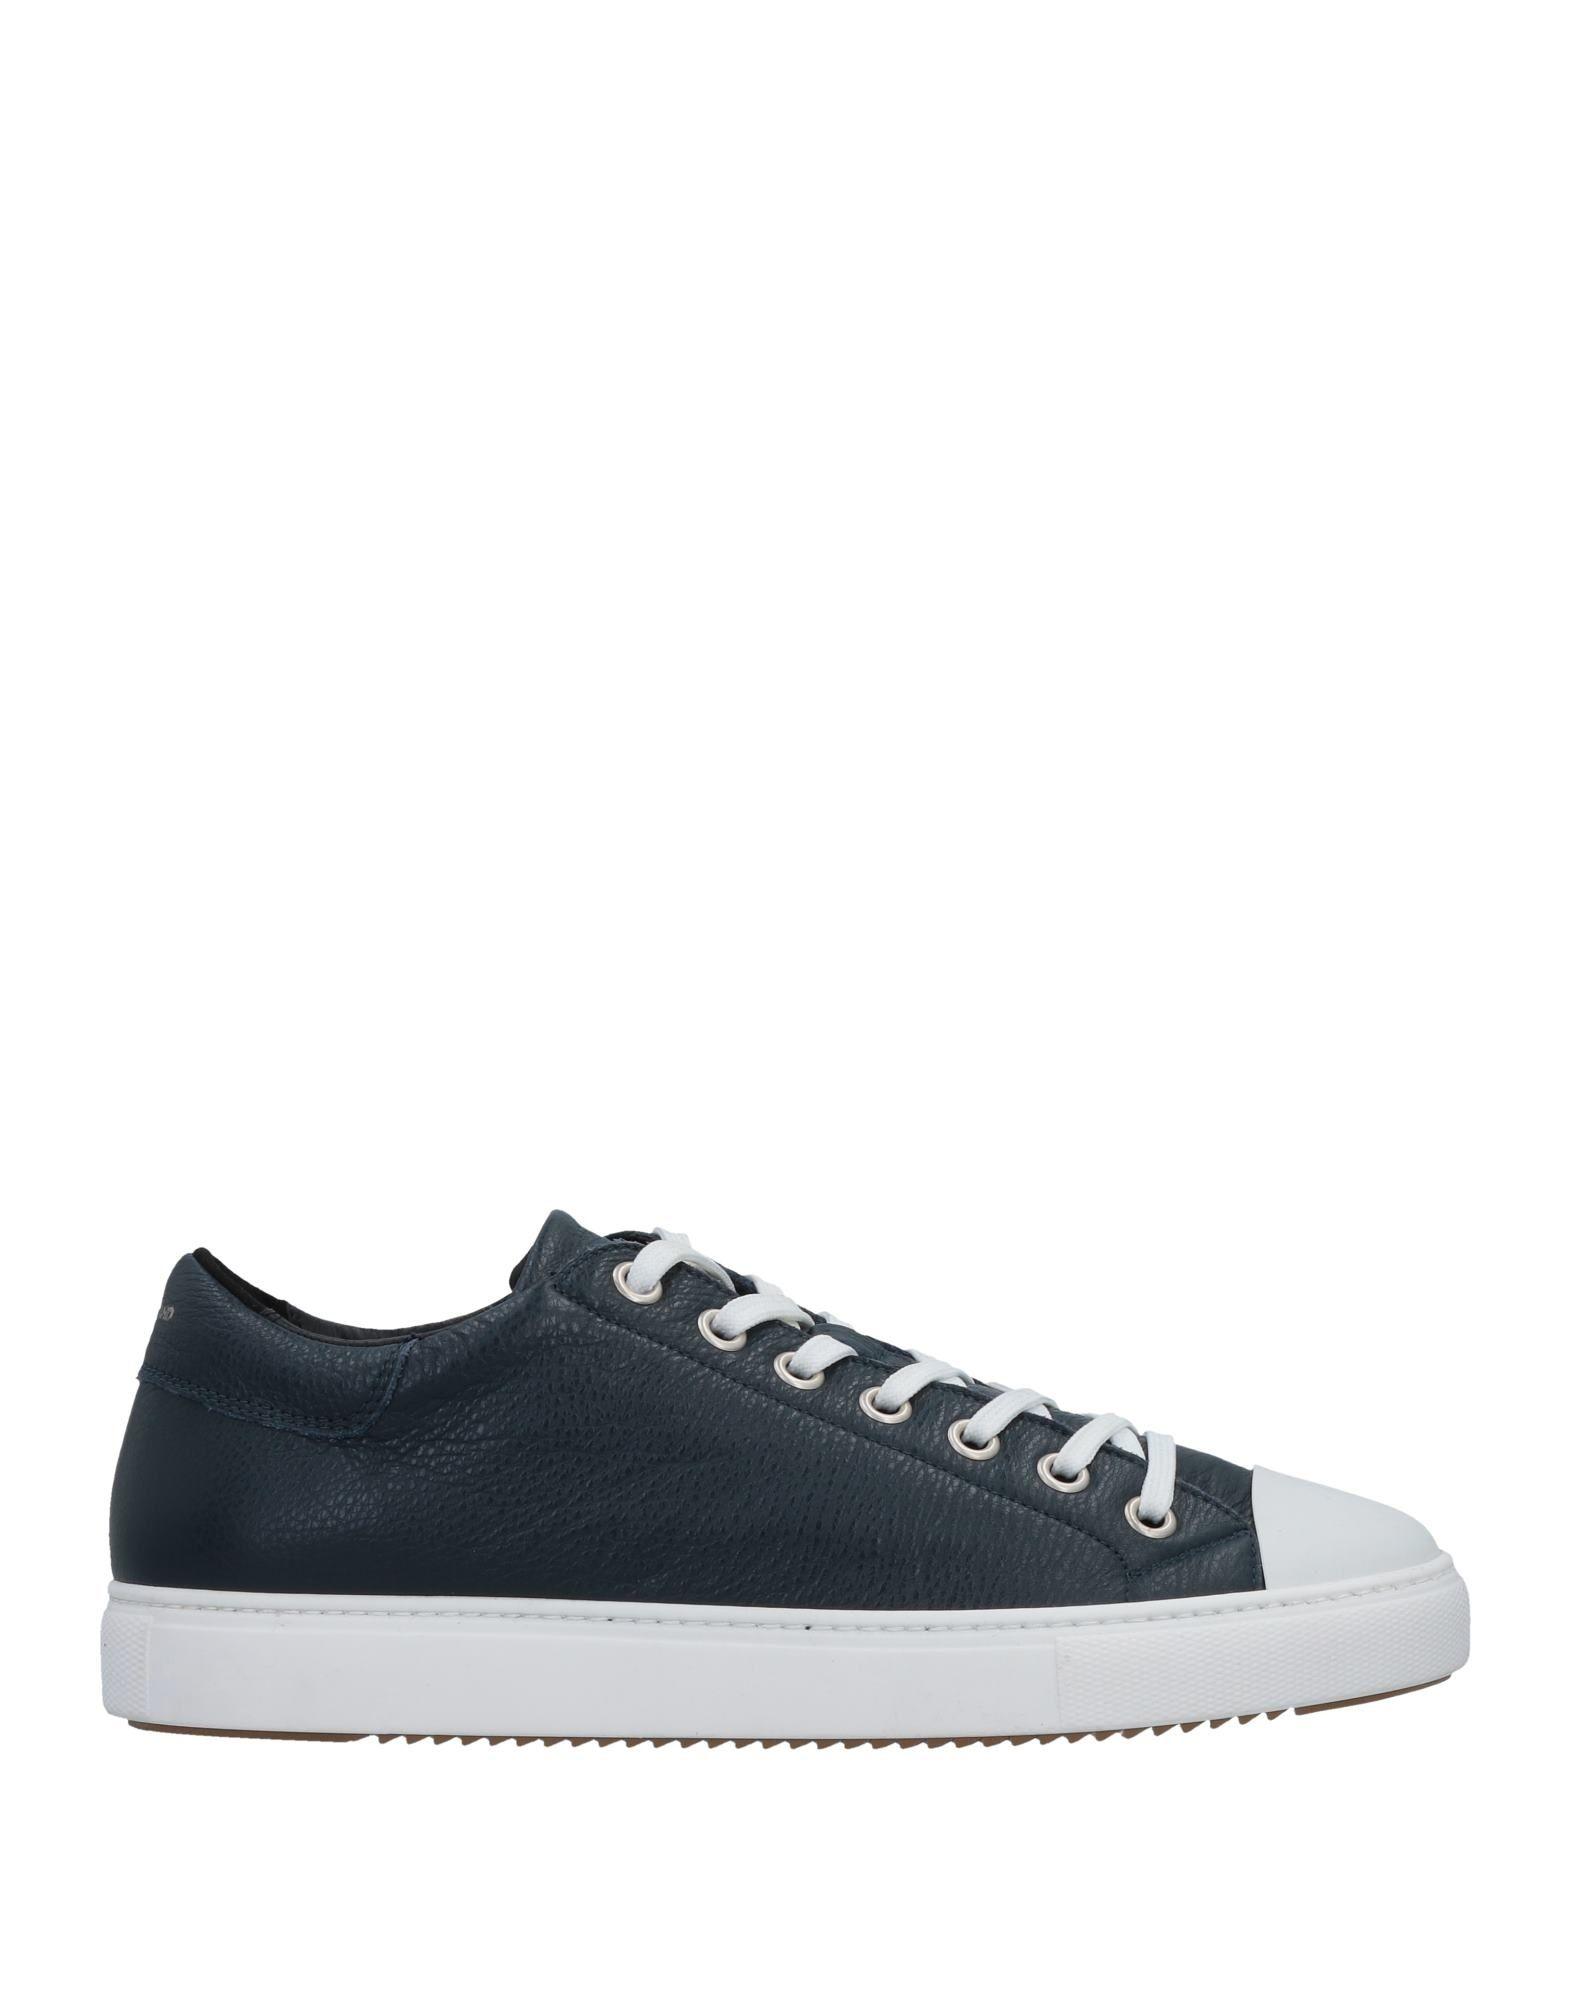 Rabatt echte Schuhe Tricker's Sneakers Herren  11510599XA